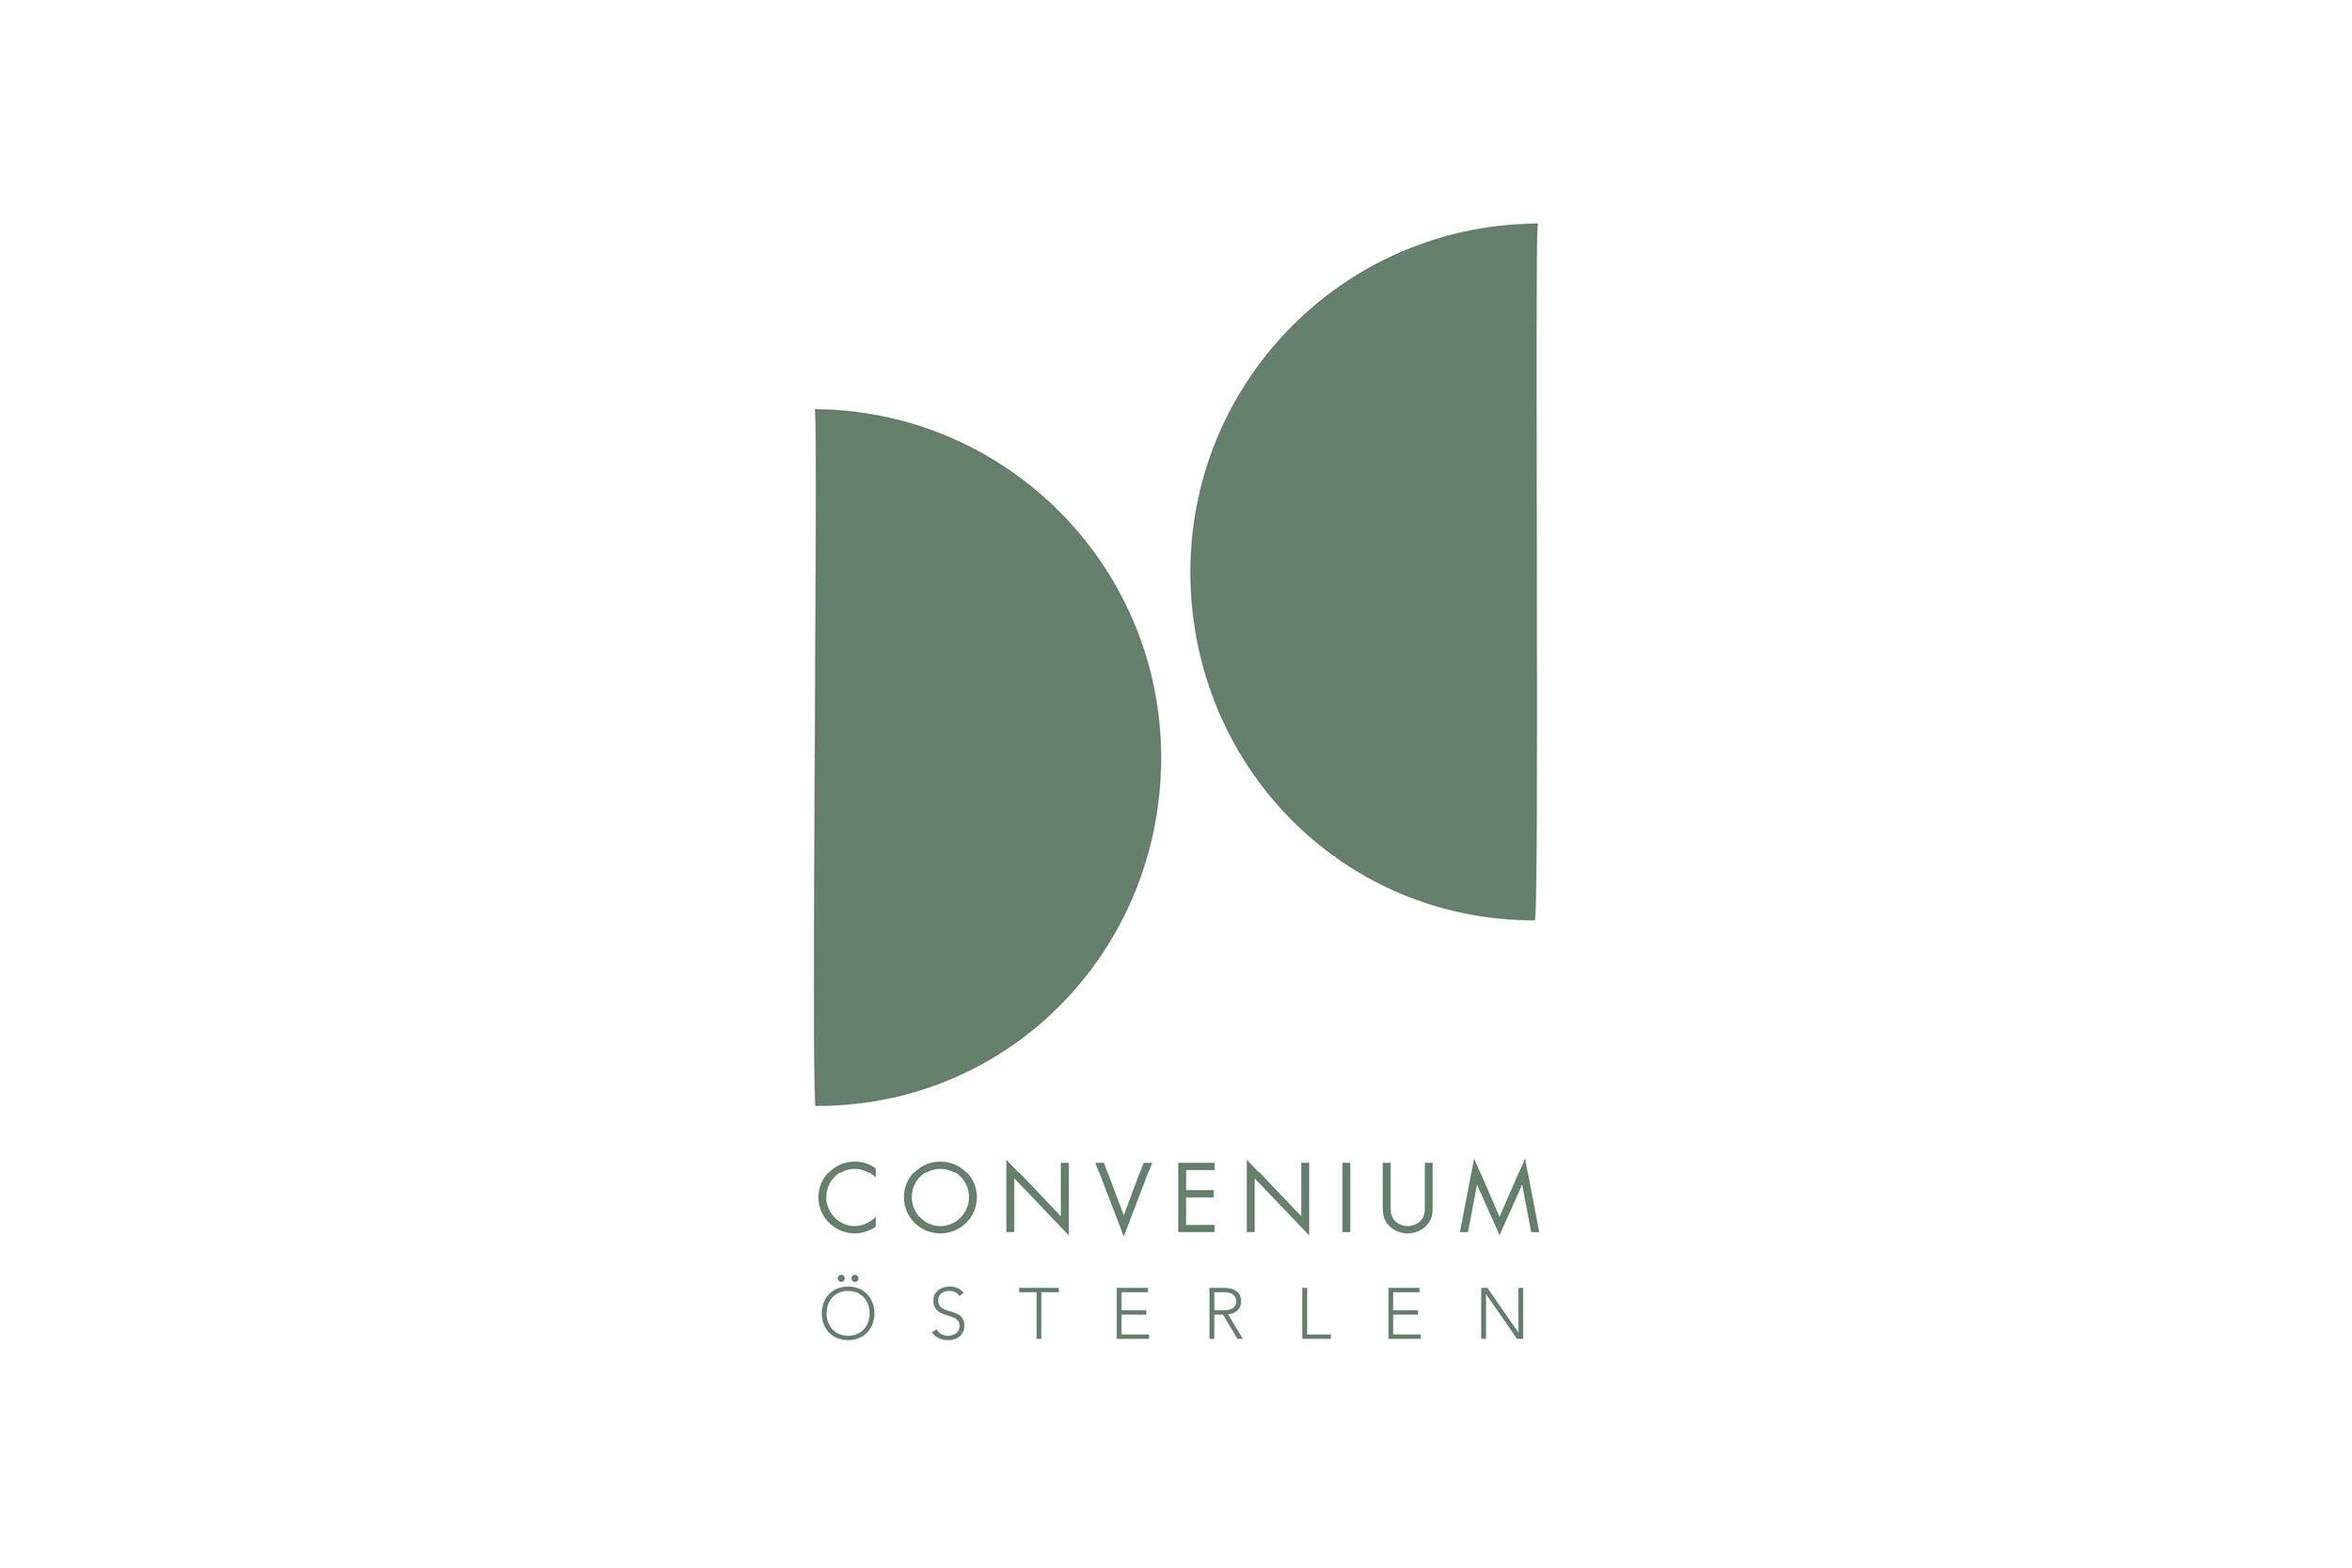 Convenium är en ideell förening vars ambition är att skapa ett forum på Österlen för att ge människor möjlighet att sätta de existentiella livsfrågorna i centrum.